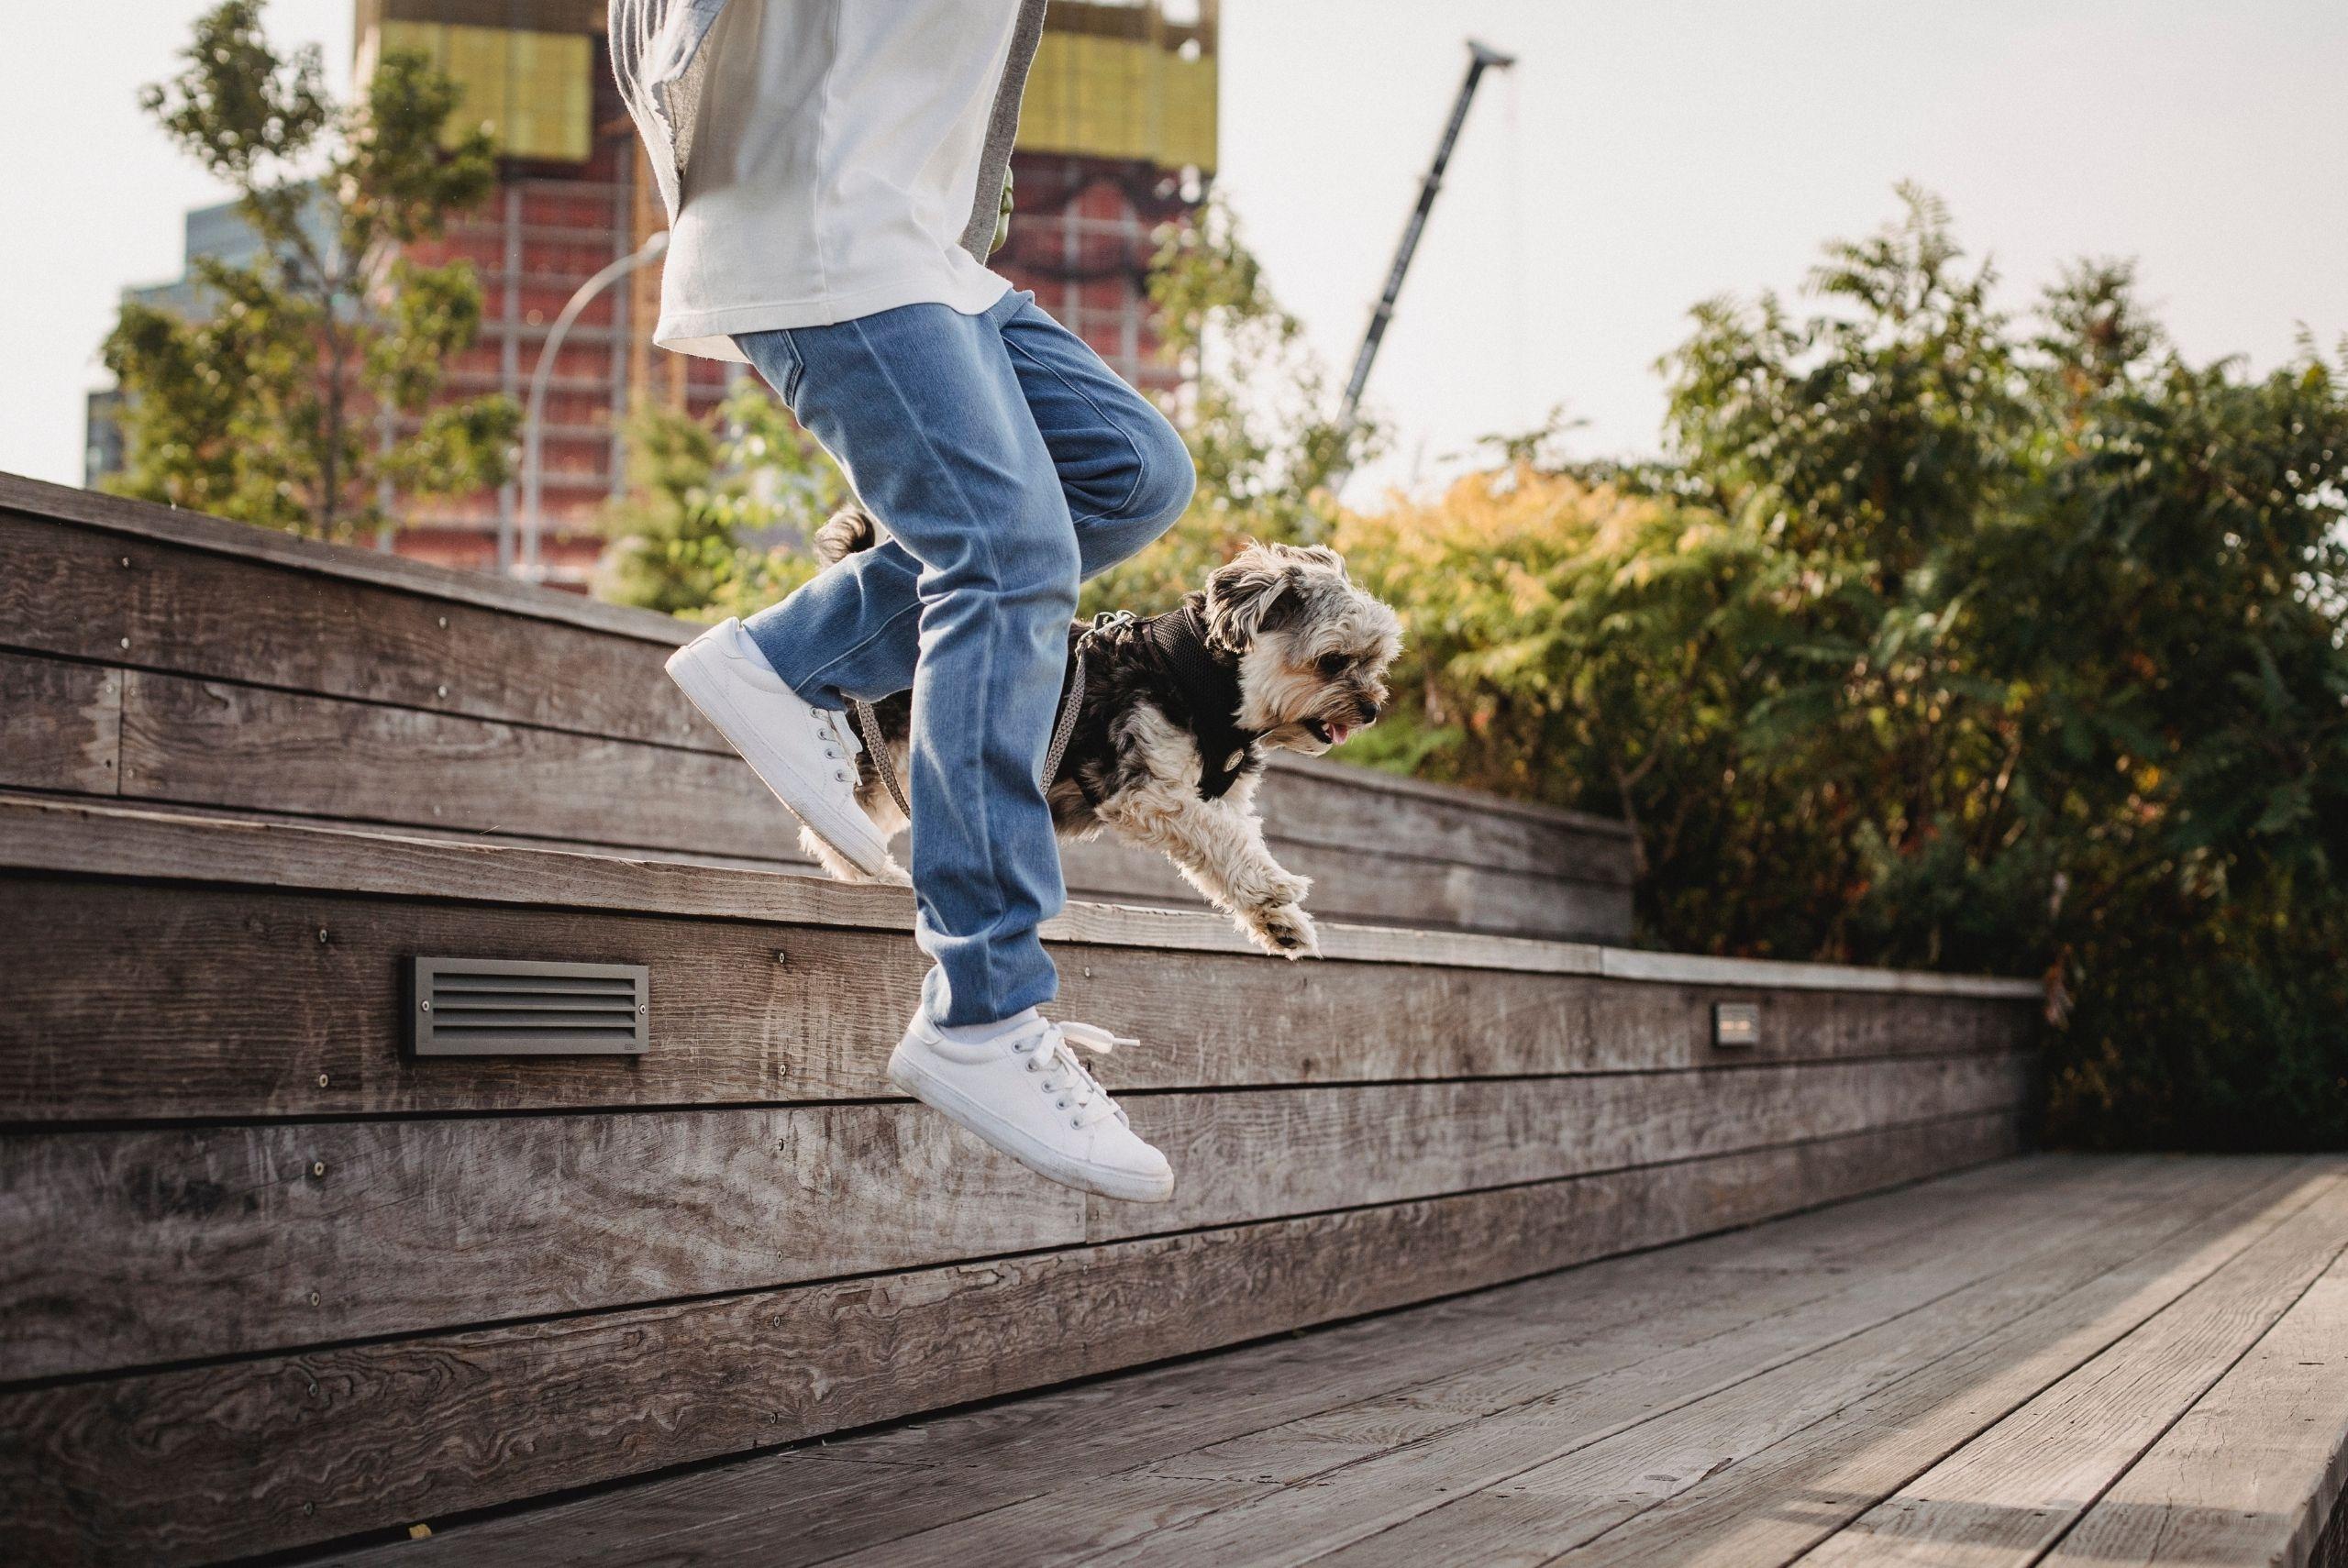 fun-dog-activities